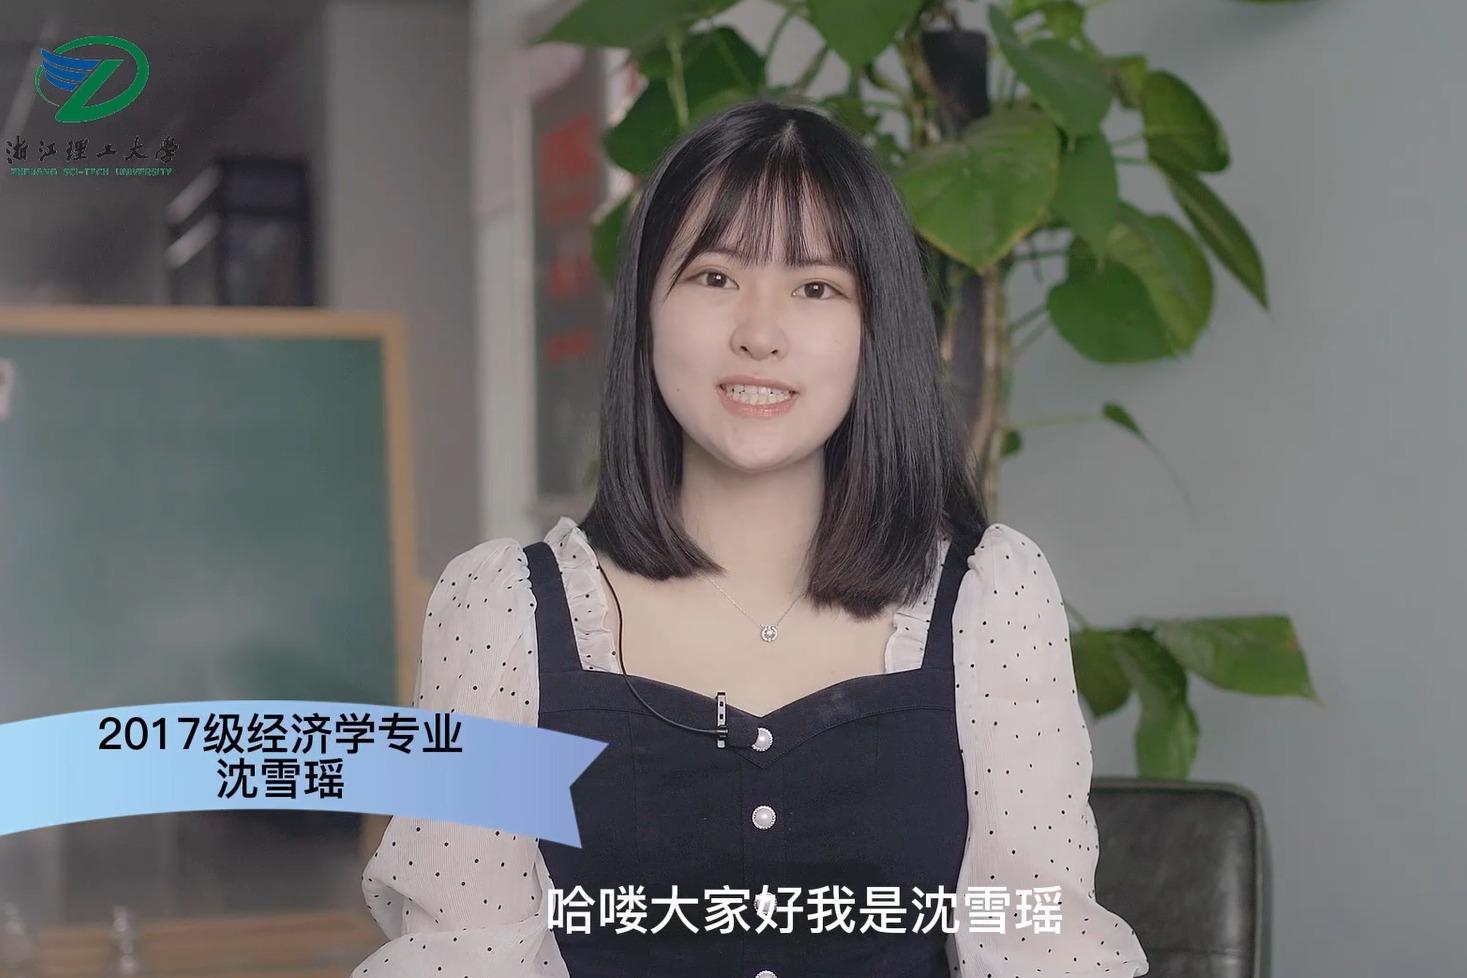 浙理优生 | 拿奖拿到手软的学霸 如何学习文体两开花?